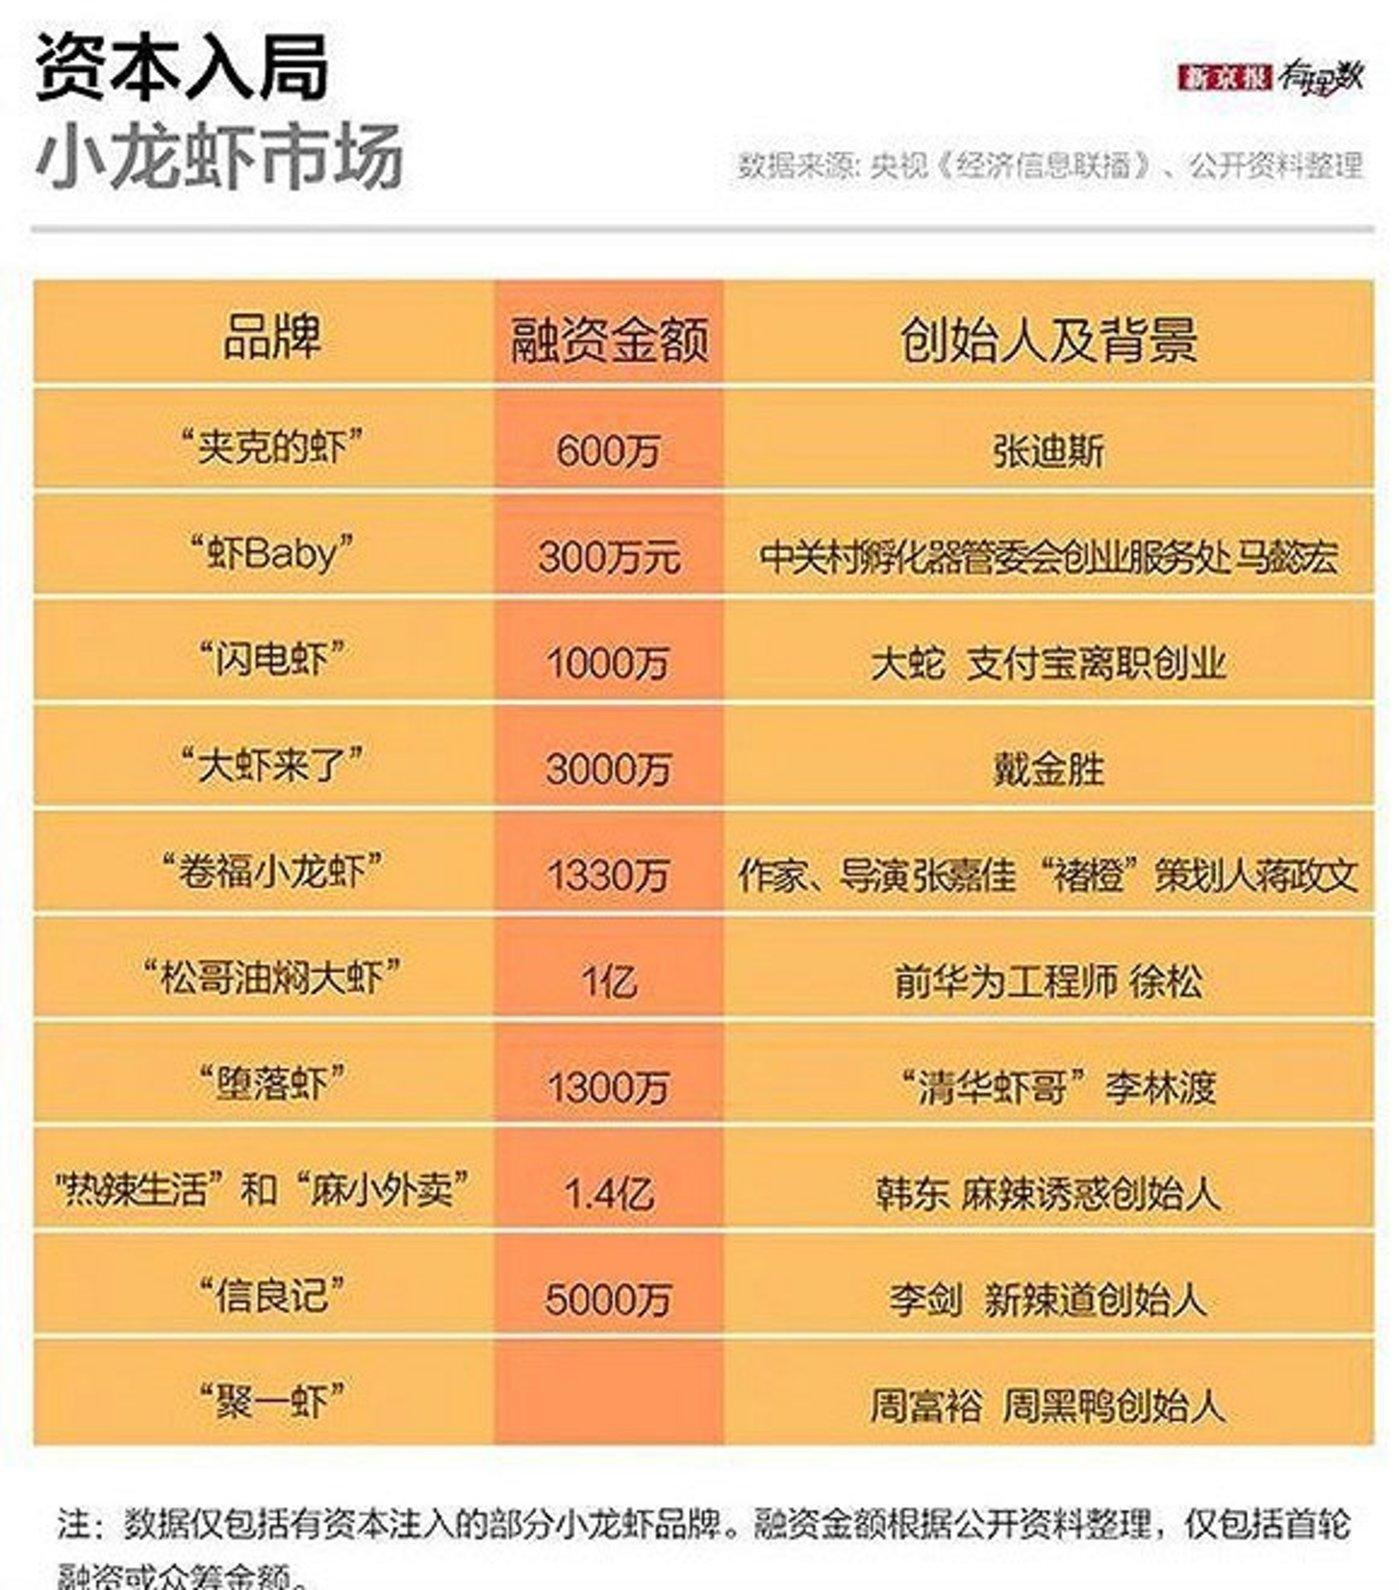 资本方争抢小龙虾。图片来源:《新京报》